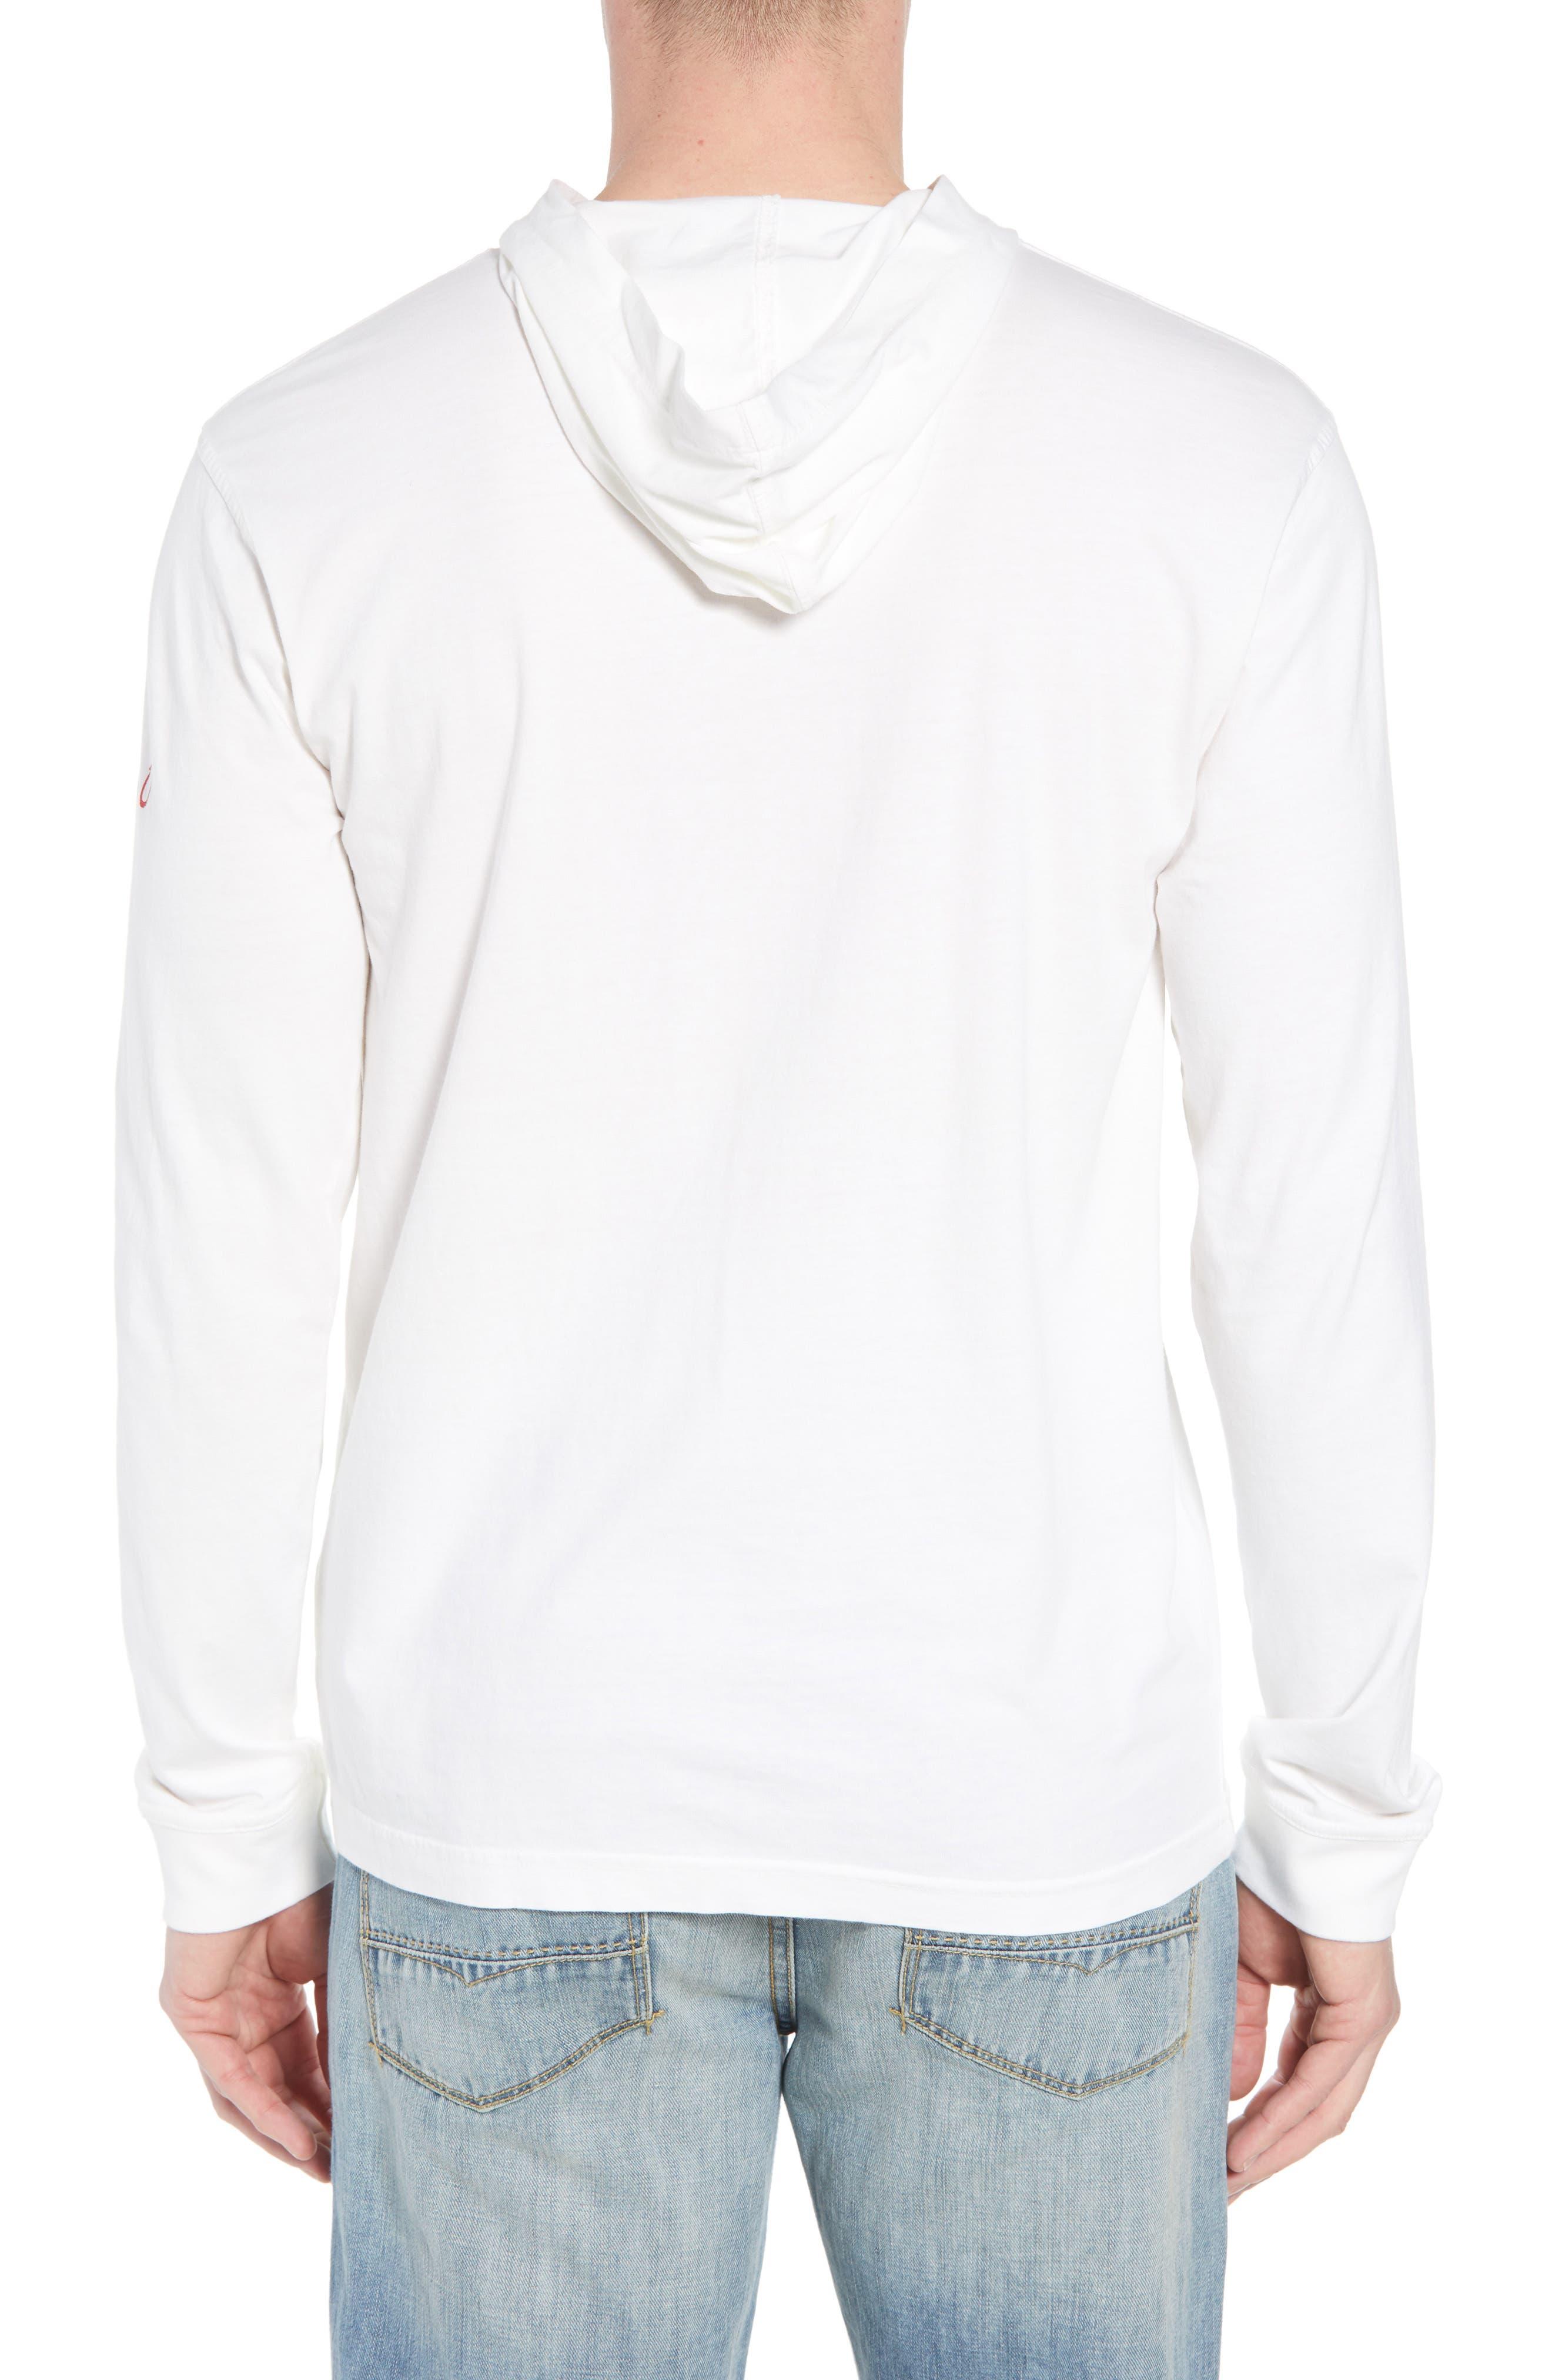 Eller Hooded T-Shirt,                             Alternate thumbnail 2, color,                             White